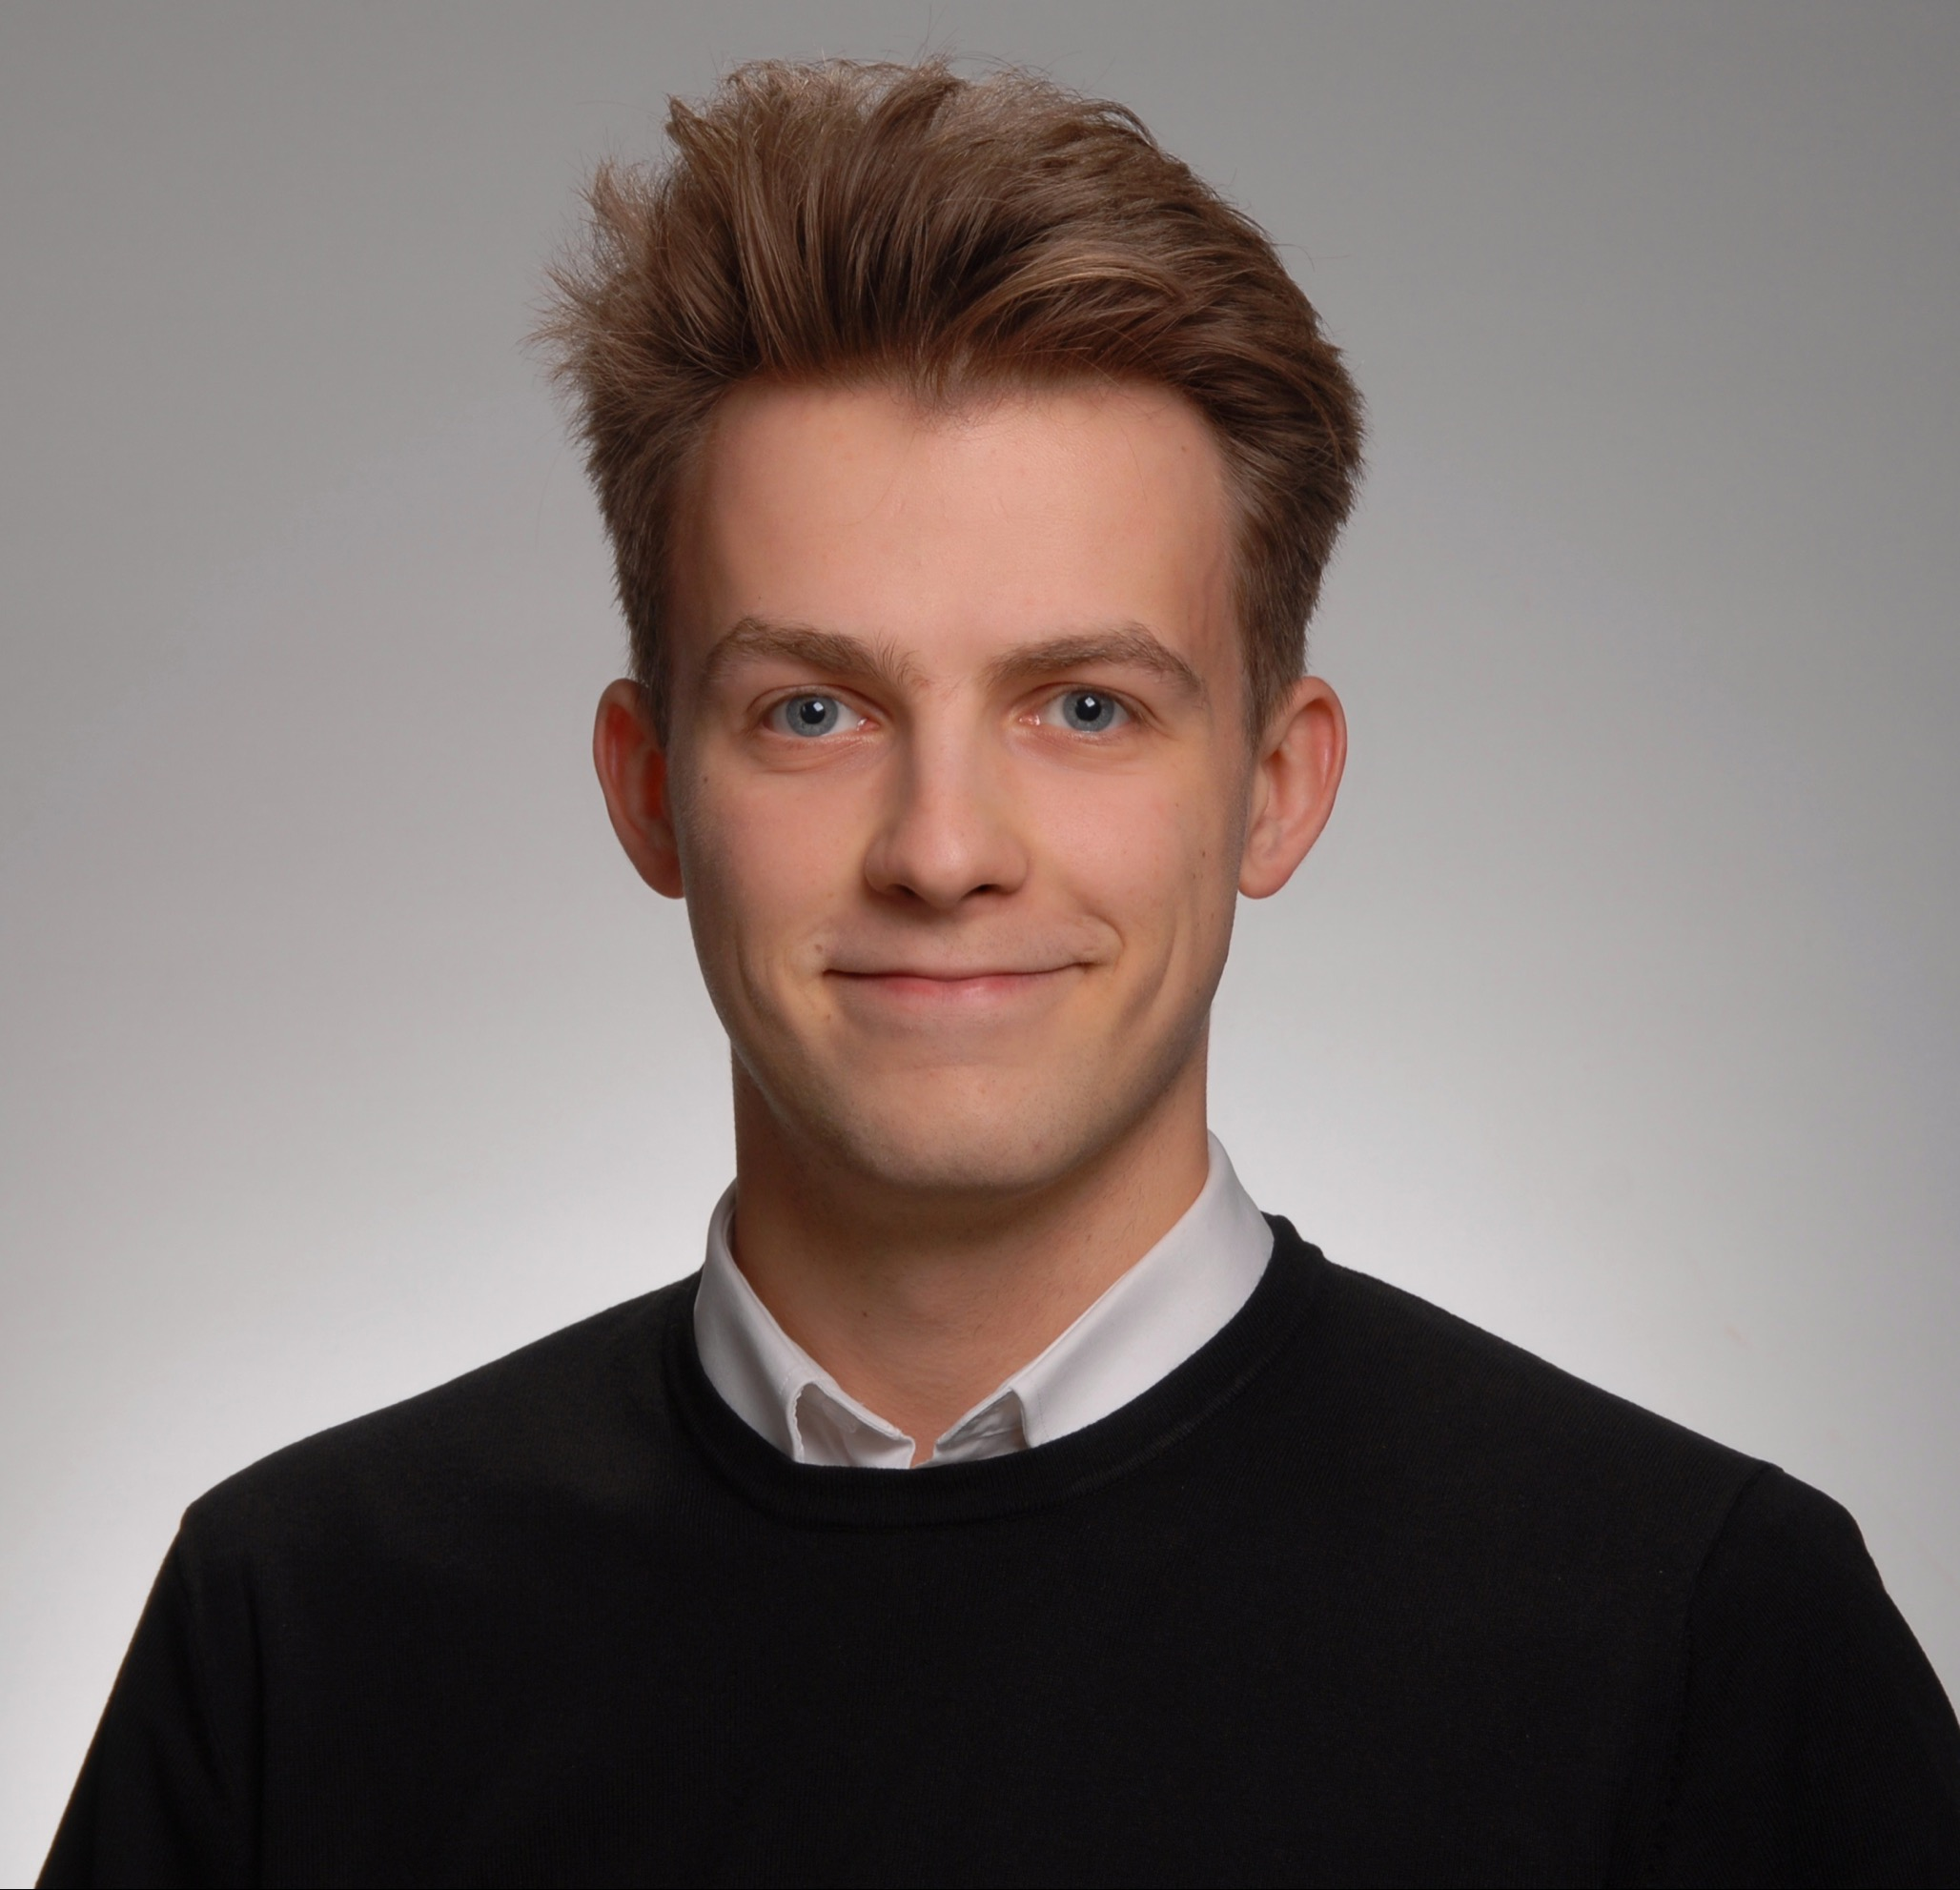 Wiktor Jankowski